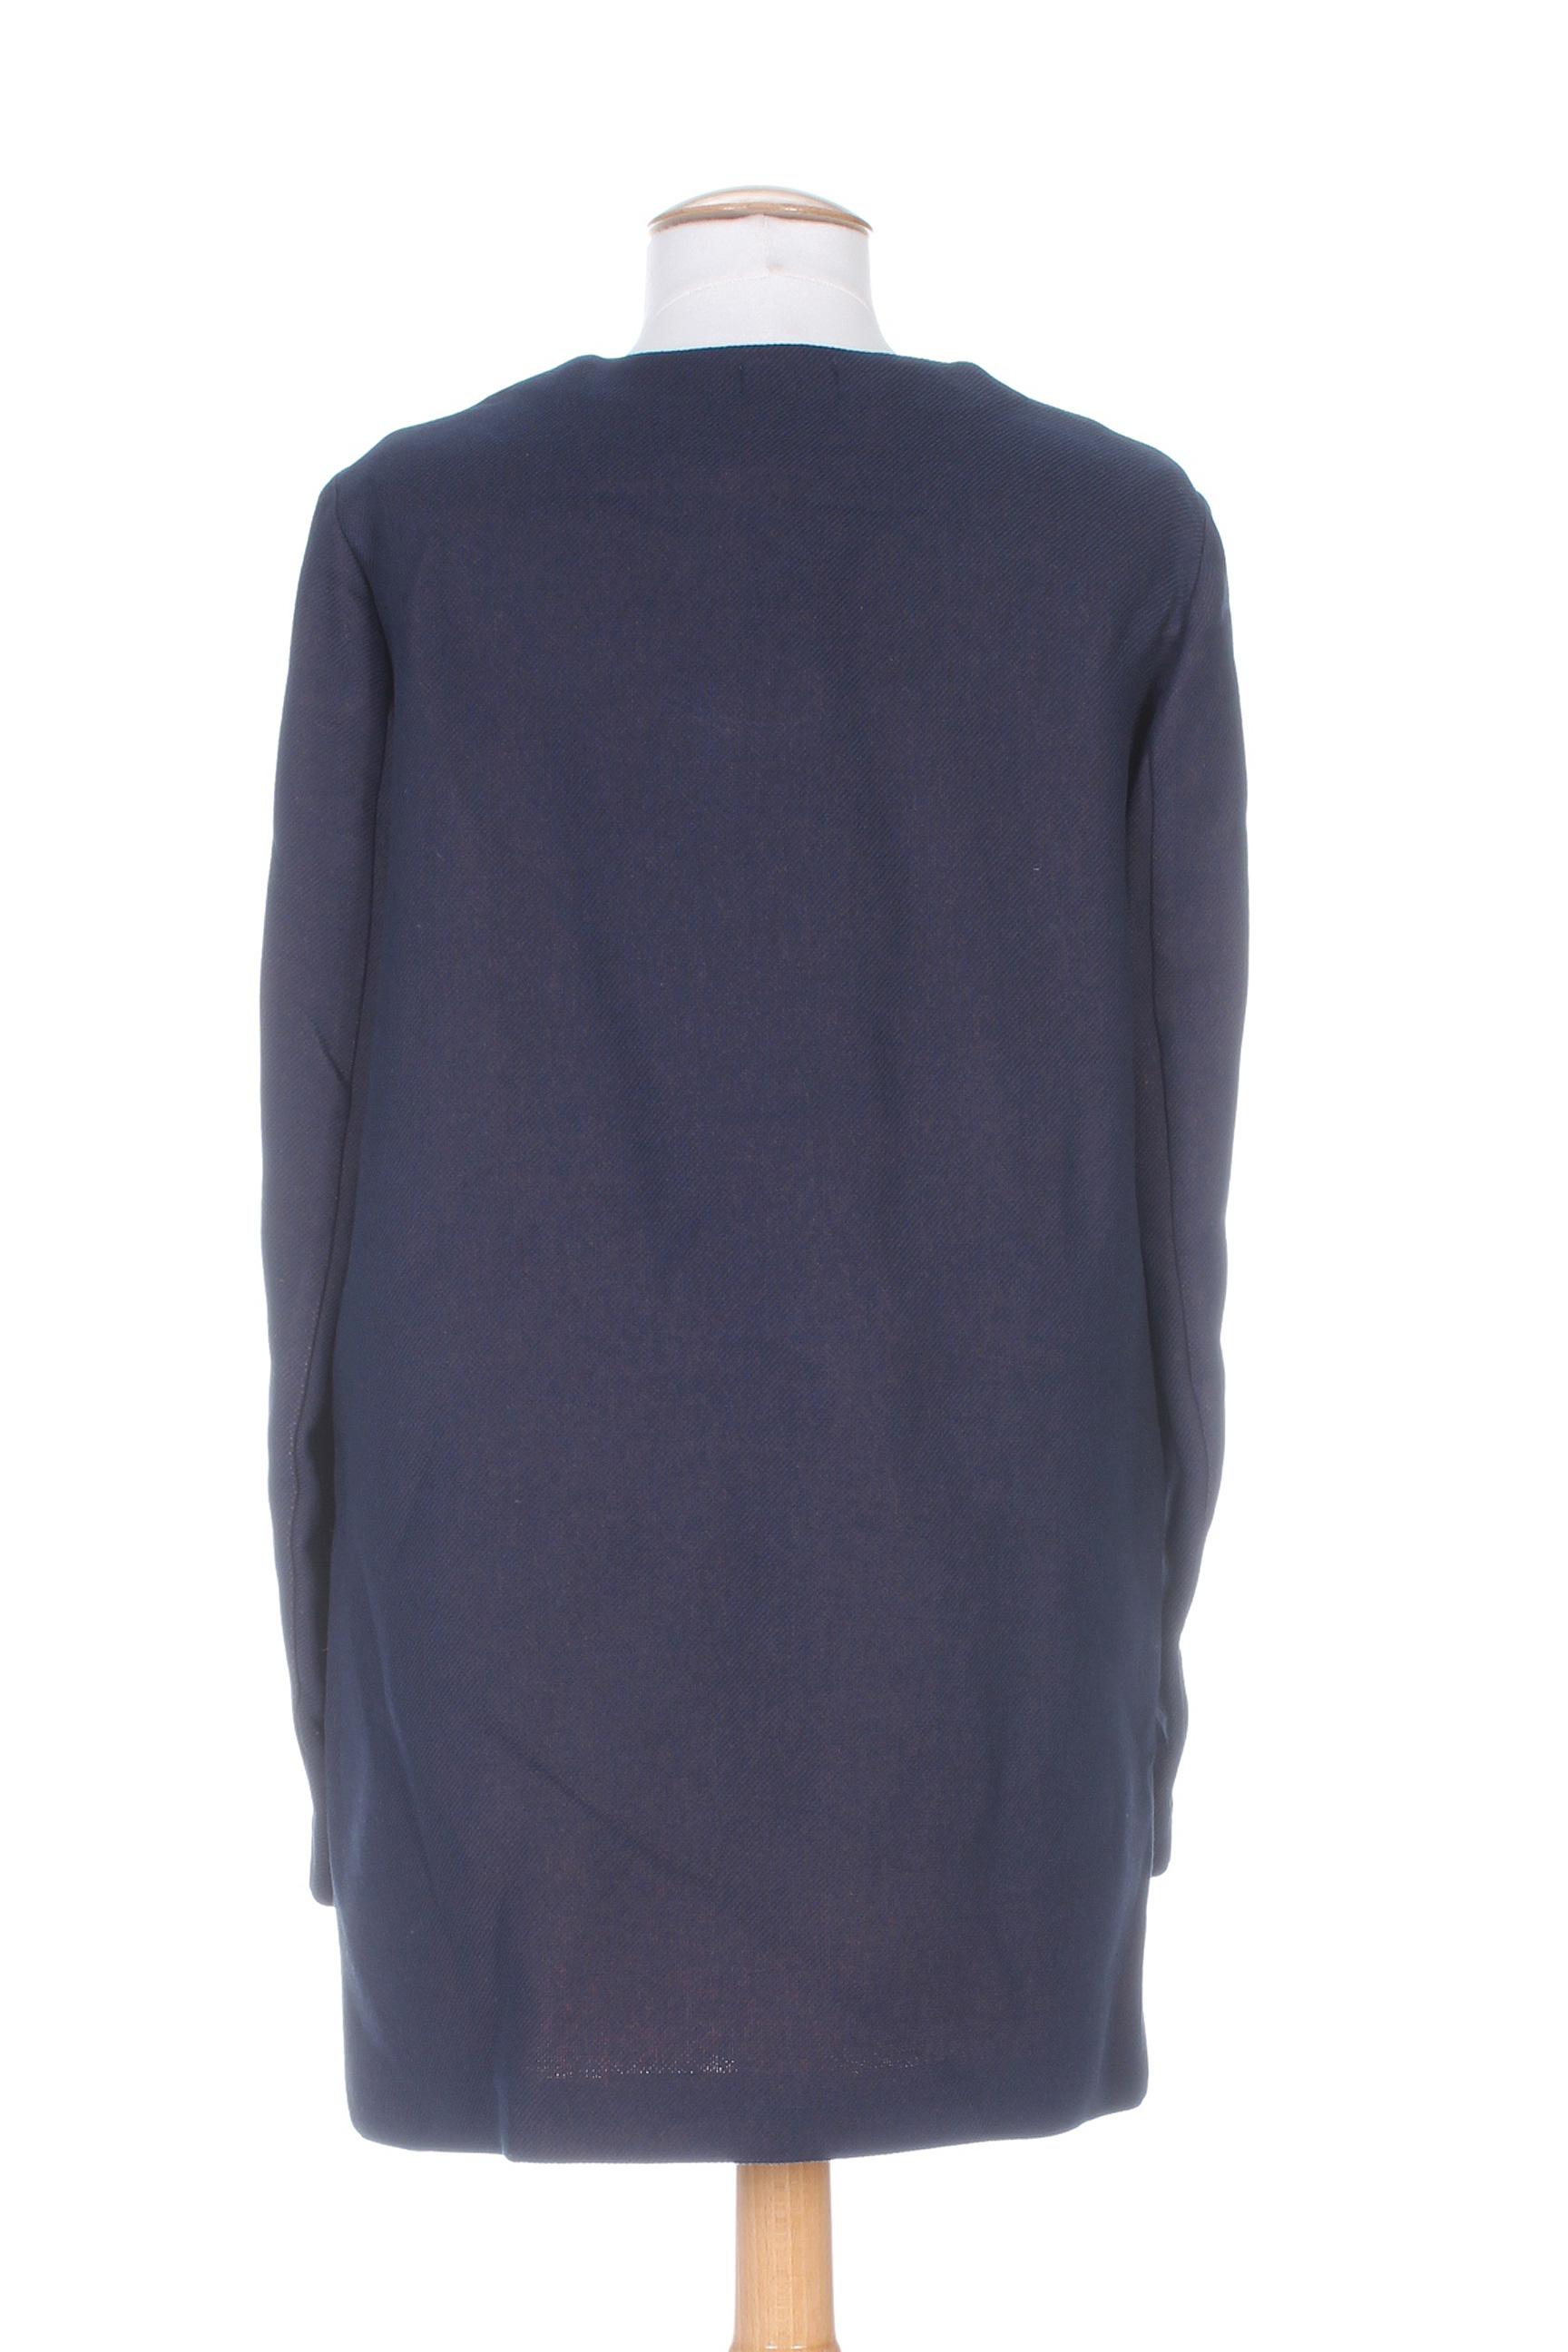 Benetton Manteaux Longs Femme De Couleur Bleu En Soldes Pas Cher 1391265-bleu00